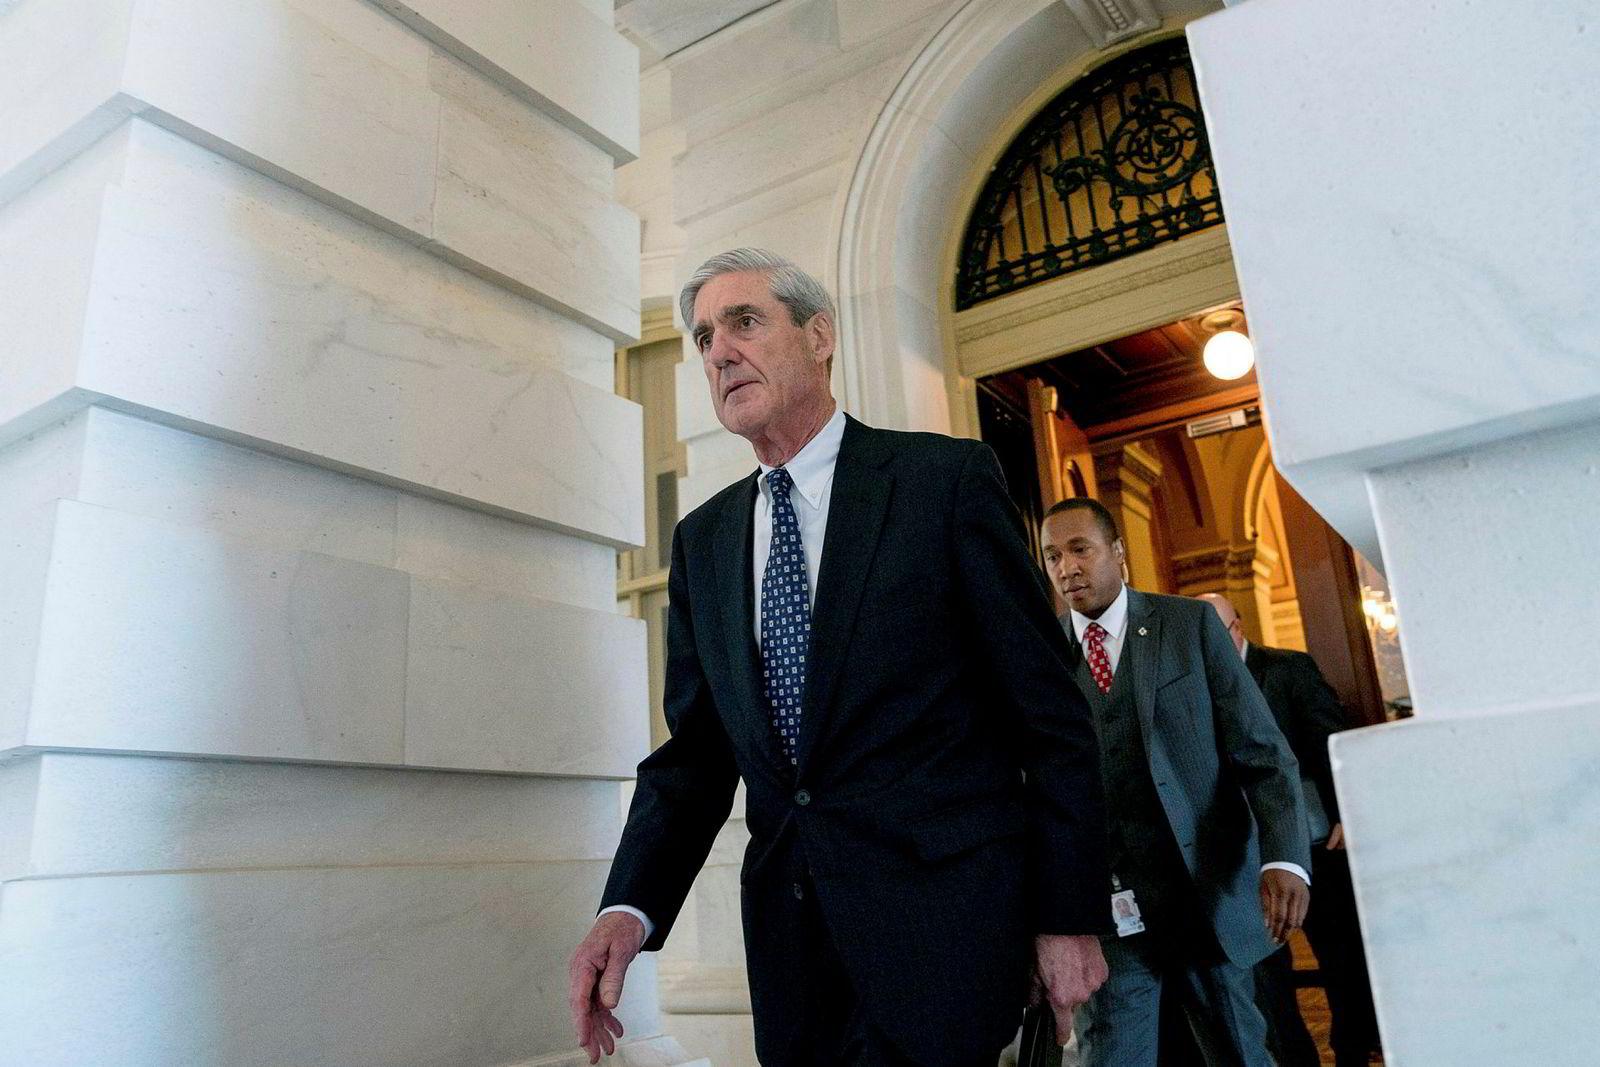 Spesialetterforsker Rober Mueller har ledet «Russland-etterforskningen» i 22 måneder.